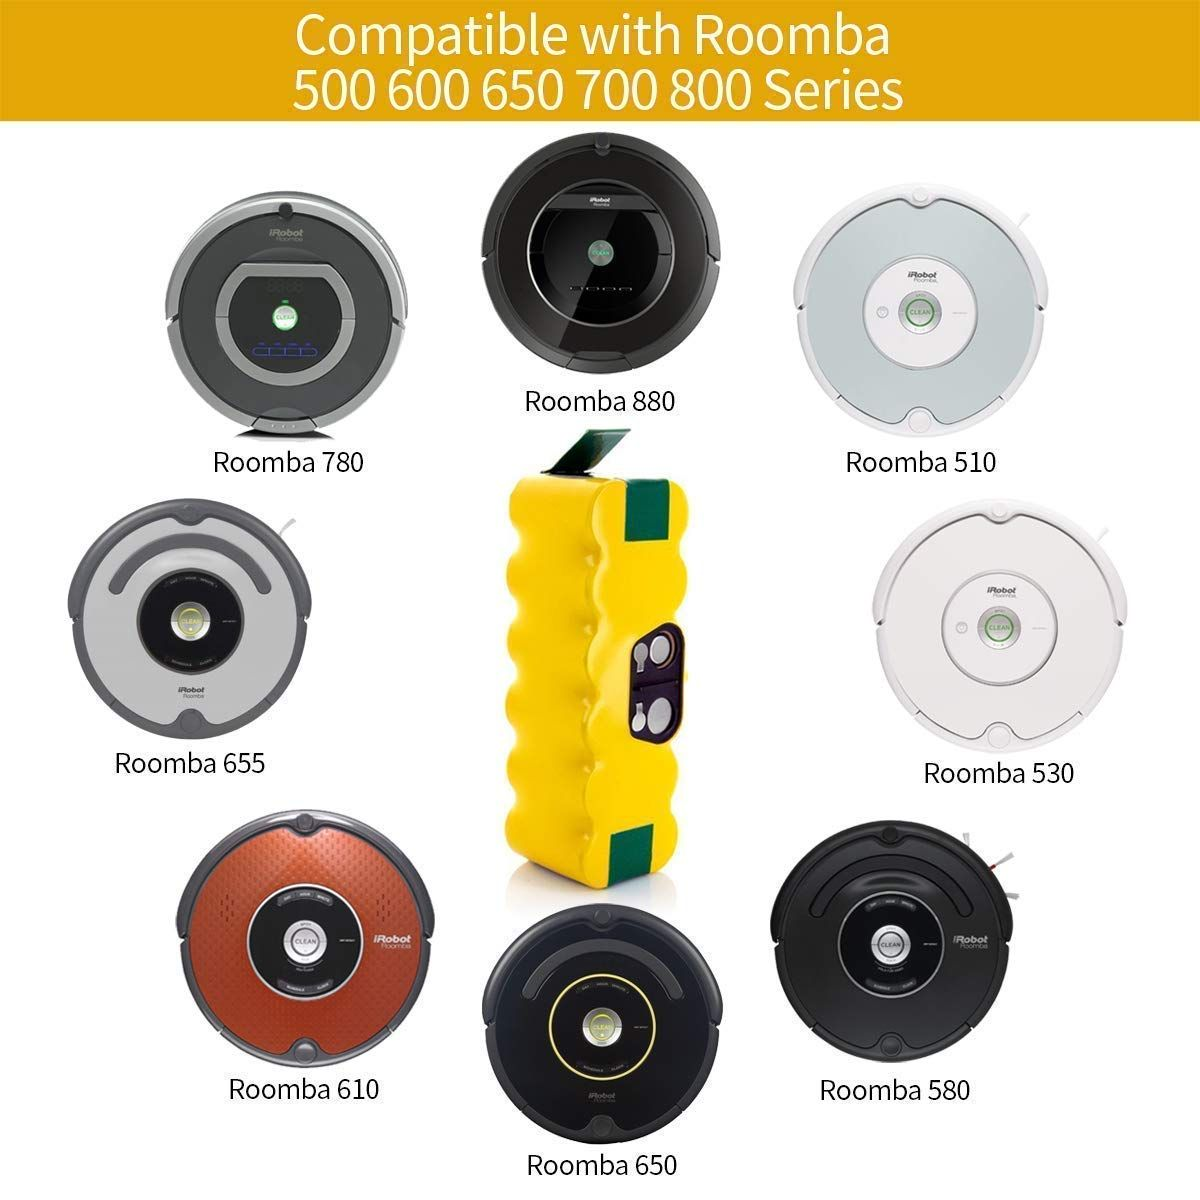 Morpilot Irobot Roomba Bateria 3800mah Ni Mh Bateria Para Irobot